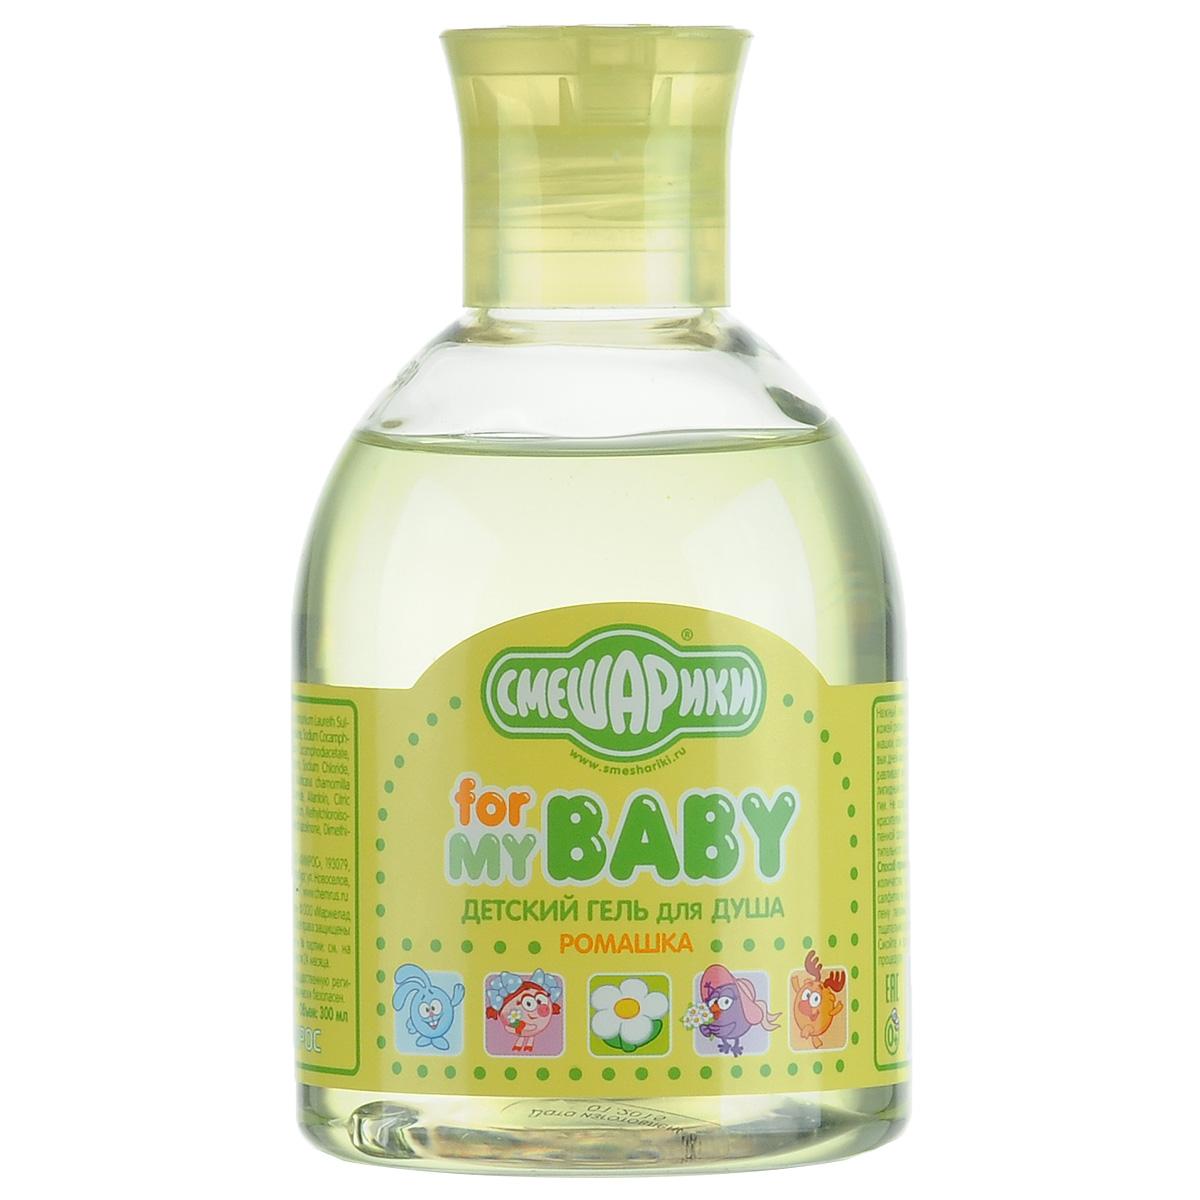 """Смешарики Детский гель для душа """"For my Baby"""", с экстрактом ромашки, 300 мл СМ91"""